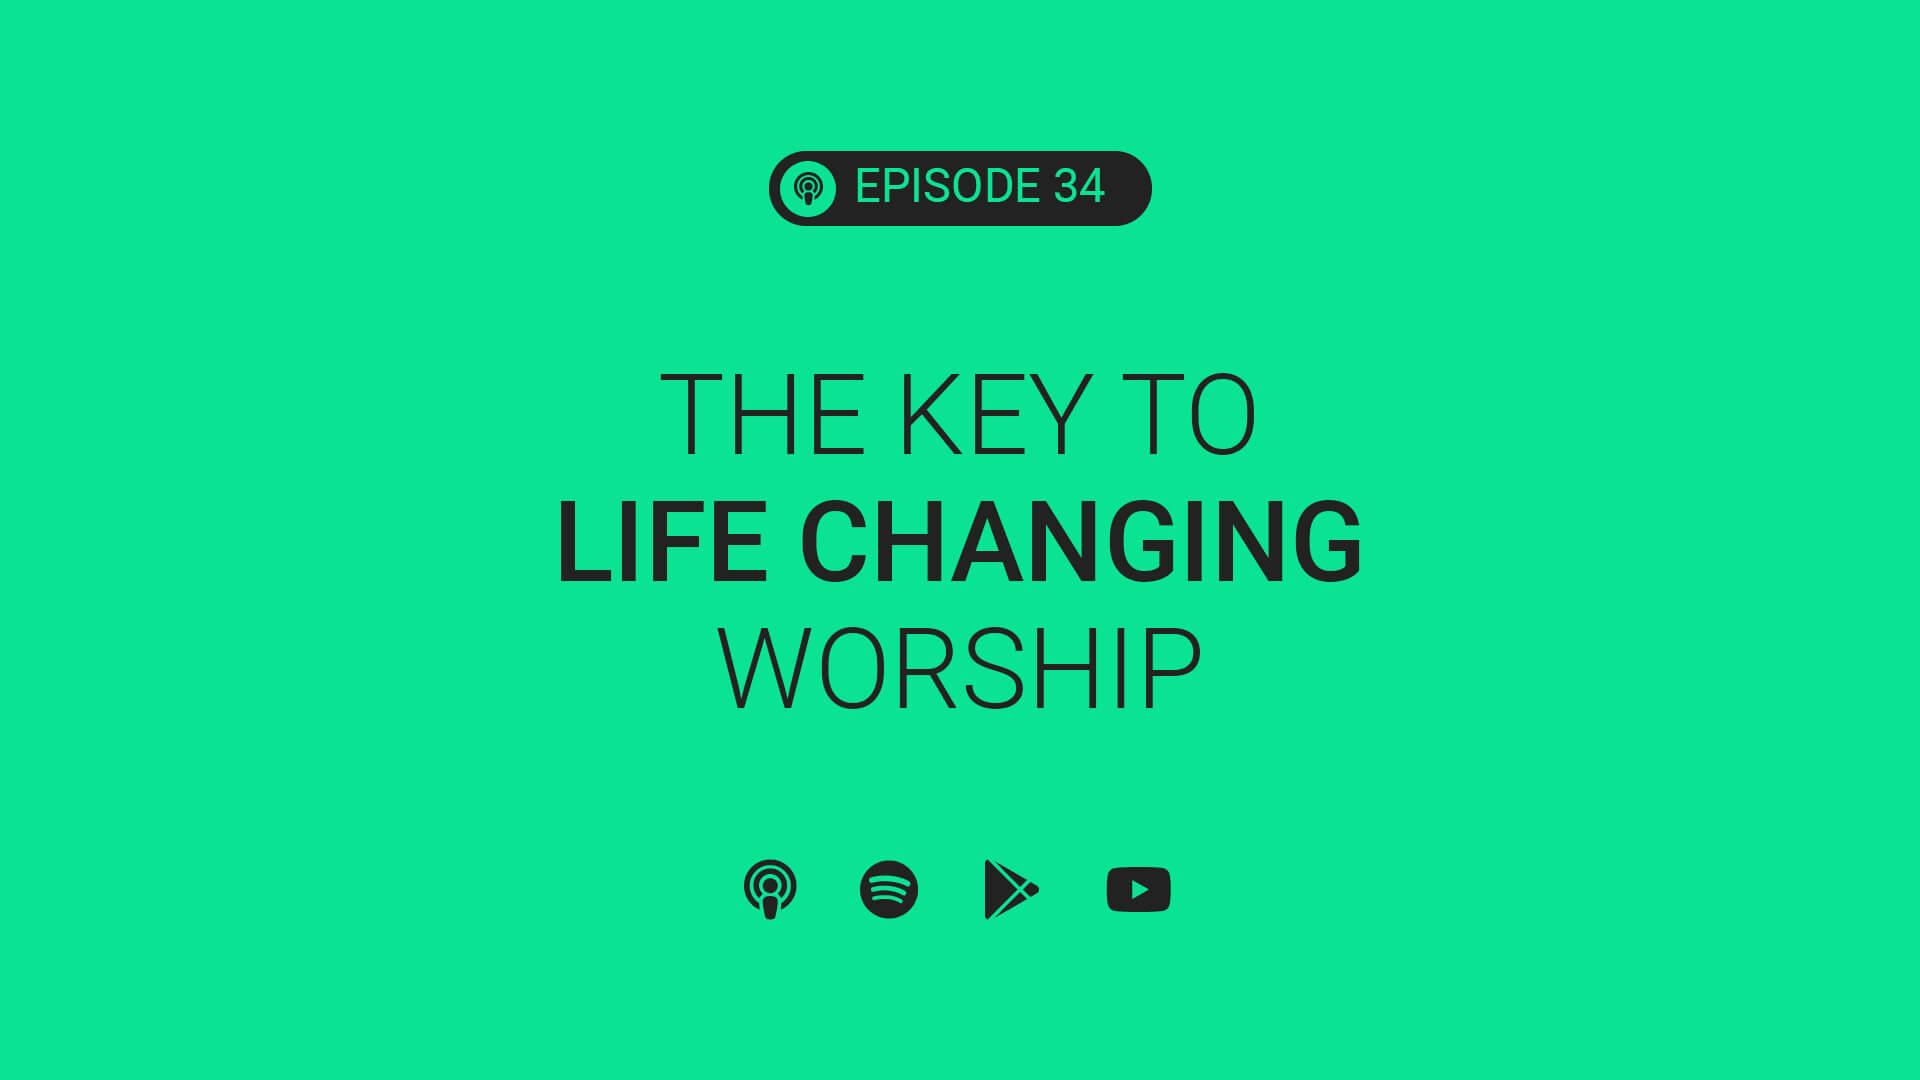 Ep 34: The Key to Leading Life Changing Worship ft. Anthony Washington